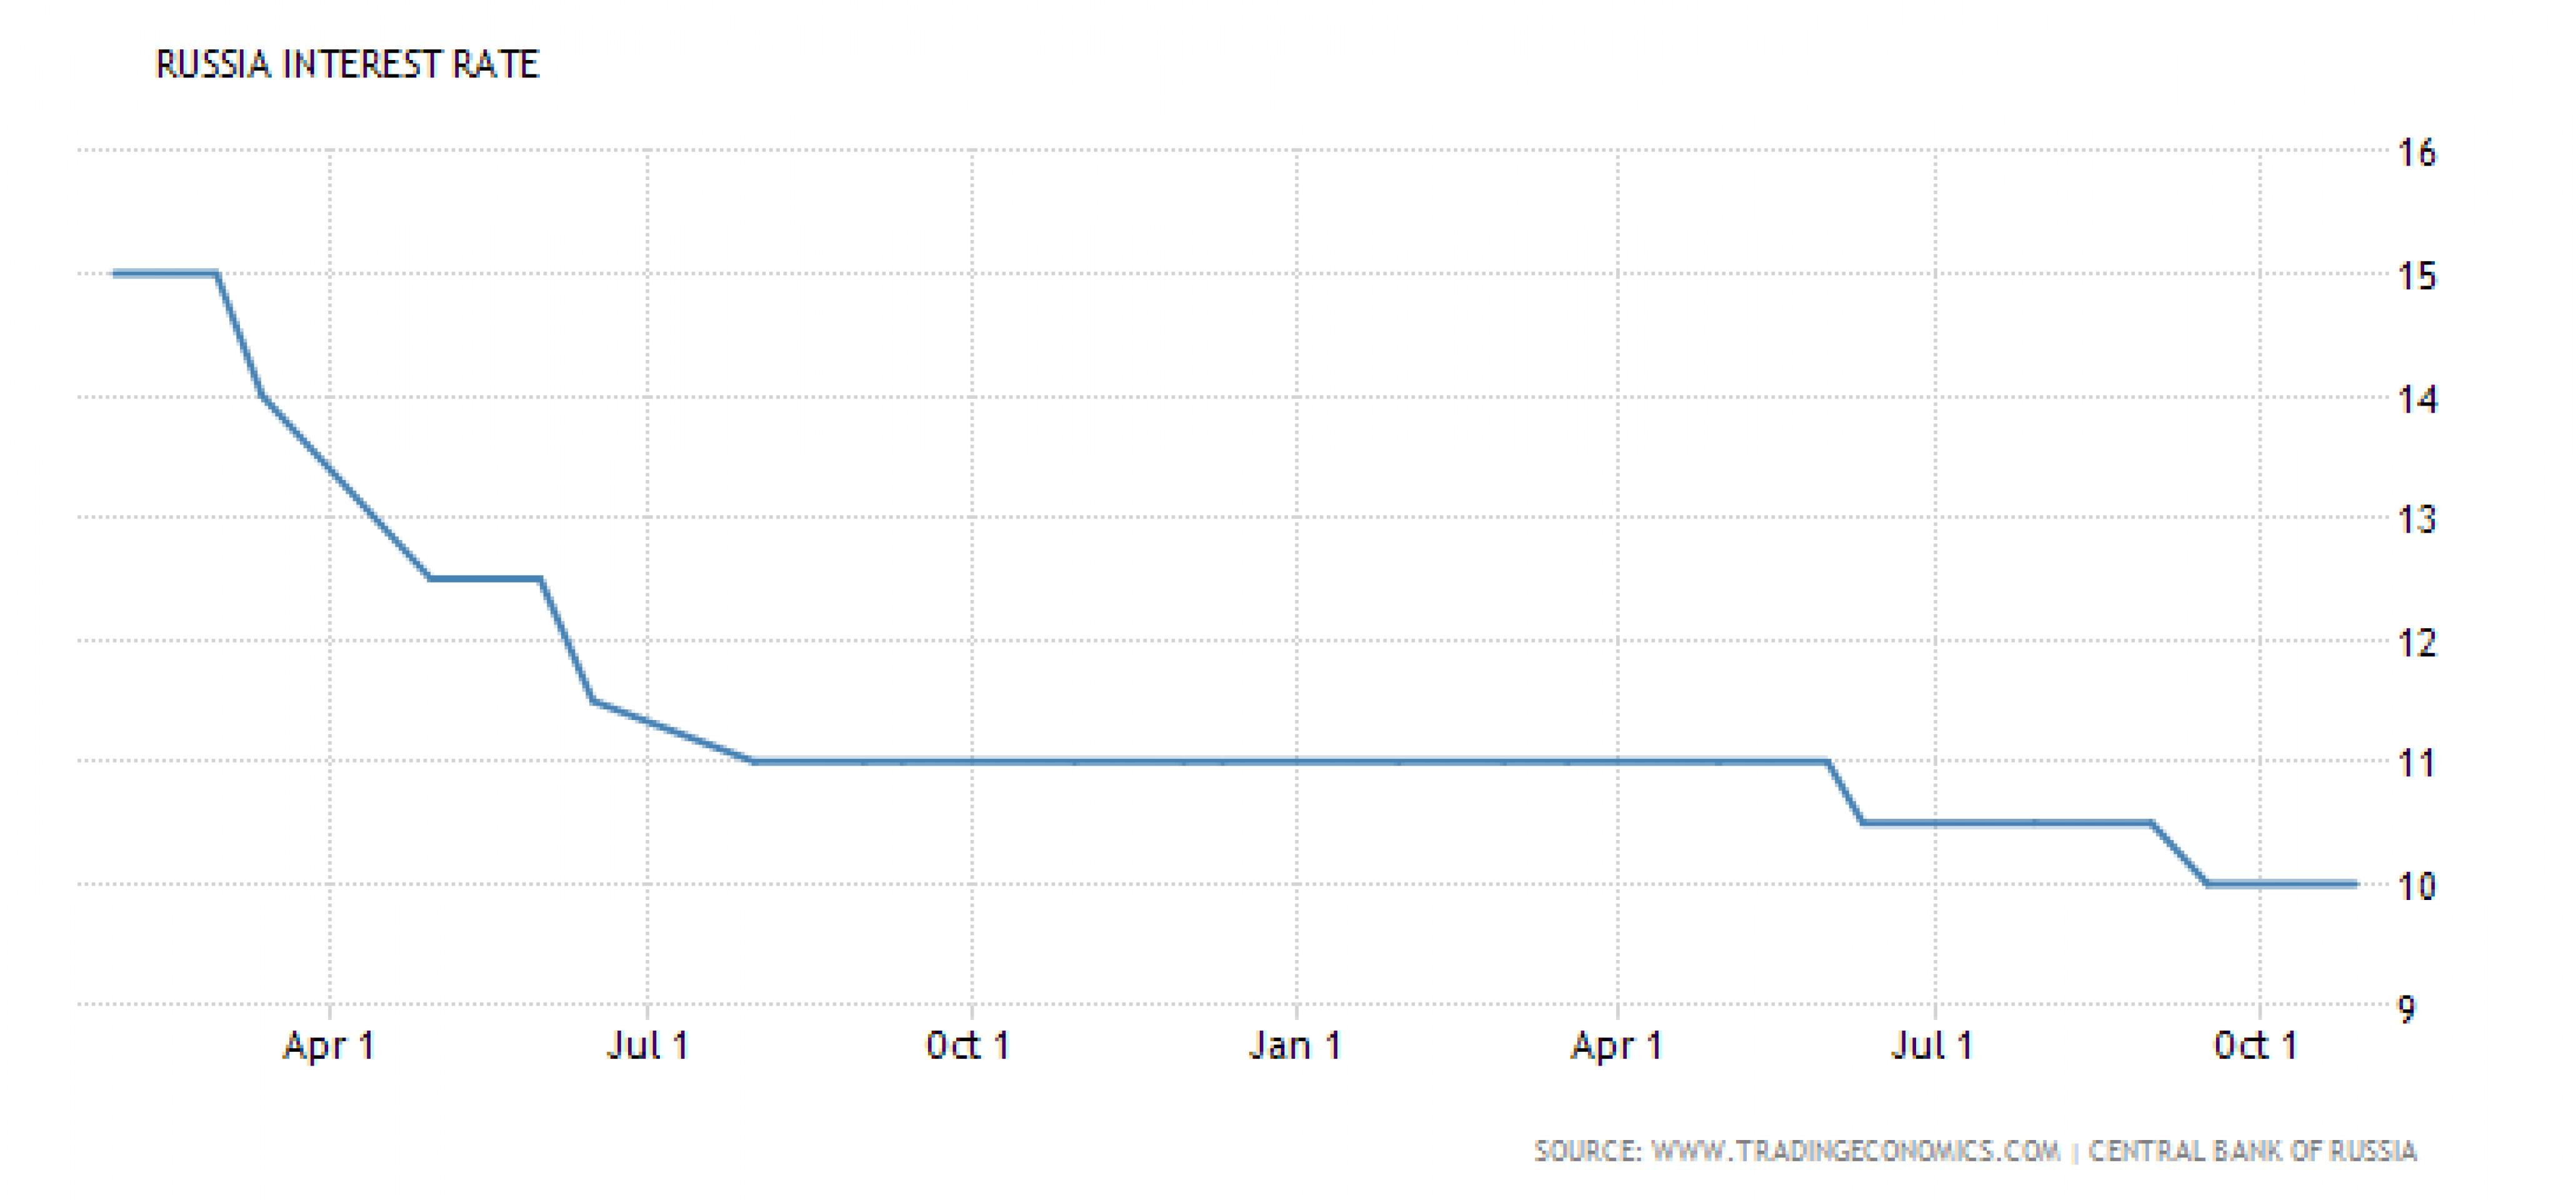 Начнут ли зарубежные инвесторы продавать ОФЗ?